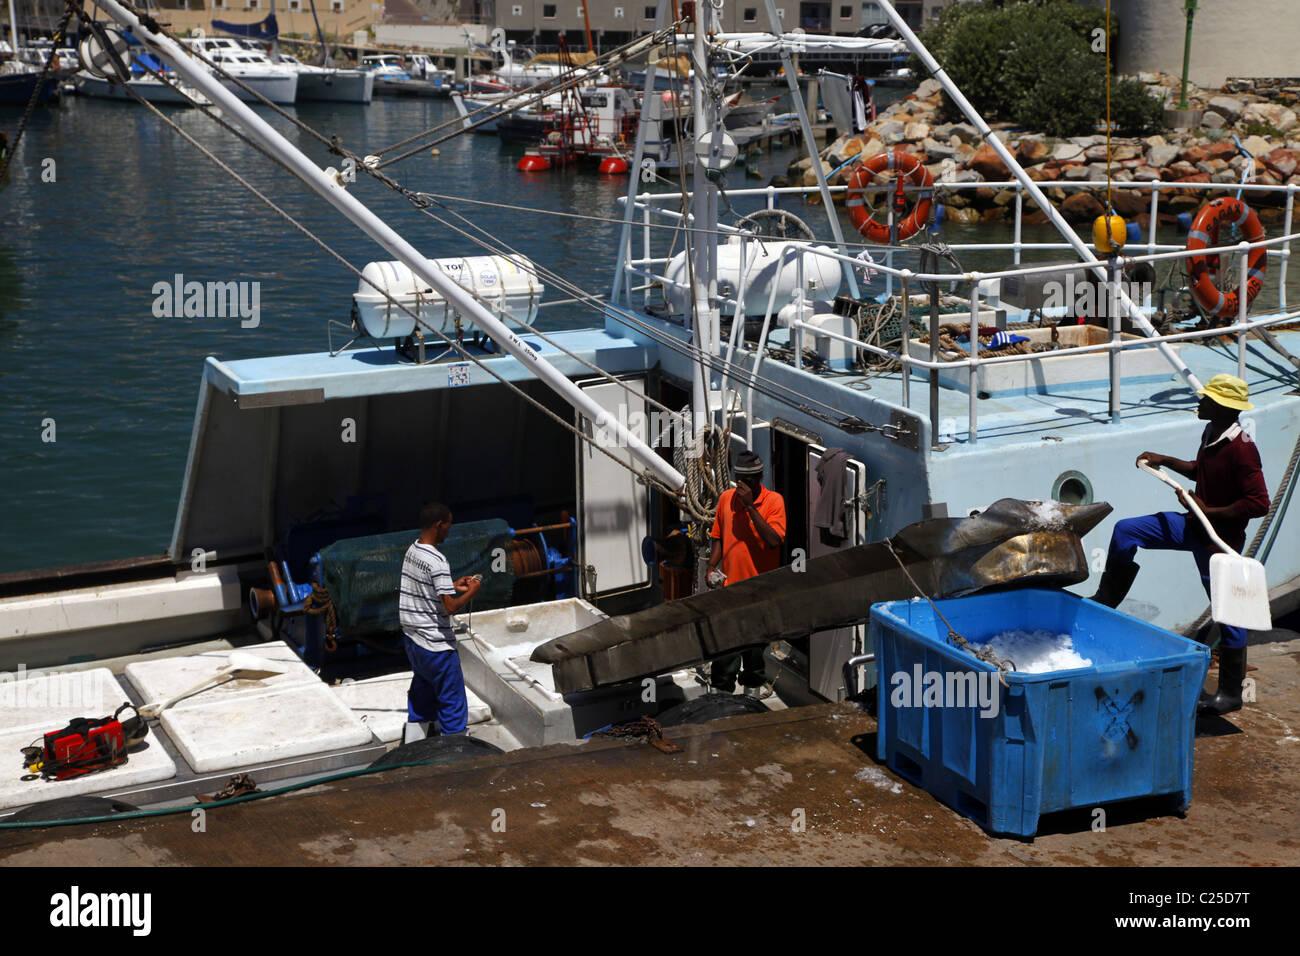 Barca da pesca ghiaccio CARICHI DI ST. Francesco Harbour Eastern Cape SUD AFRICA 26 Gennaio 2011 Immagini Stock